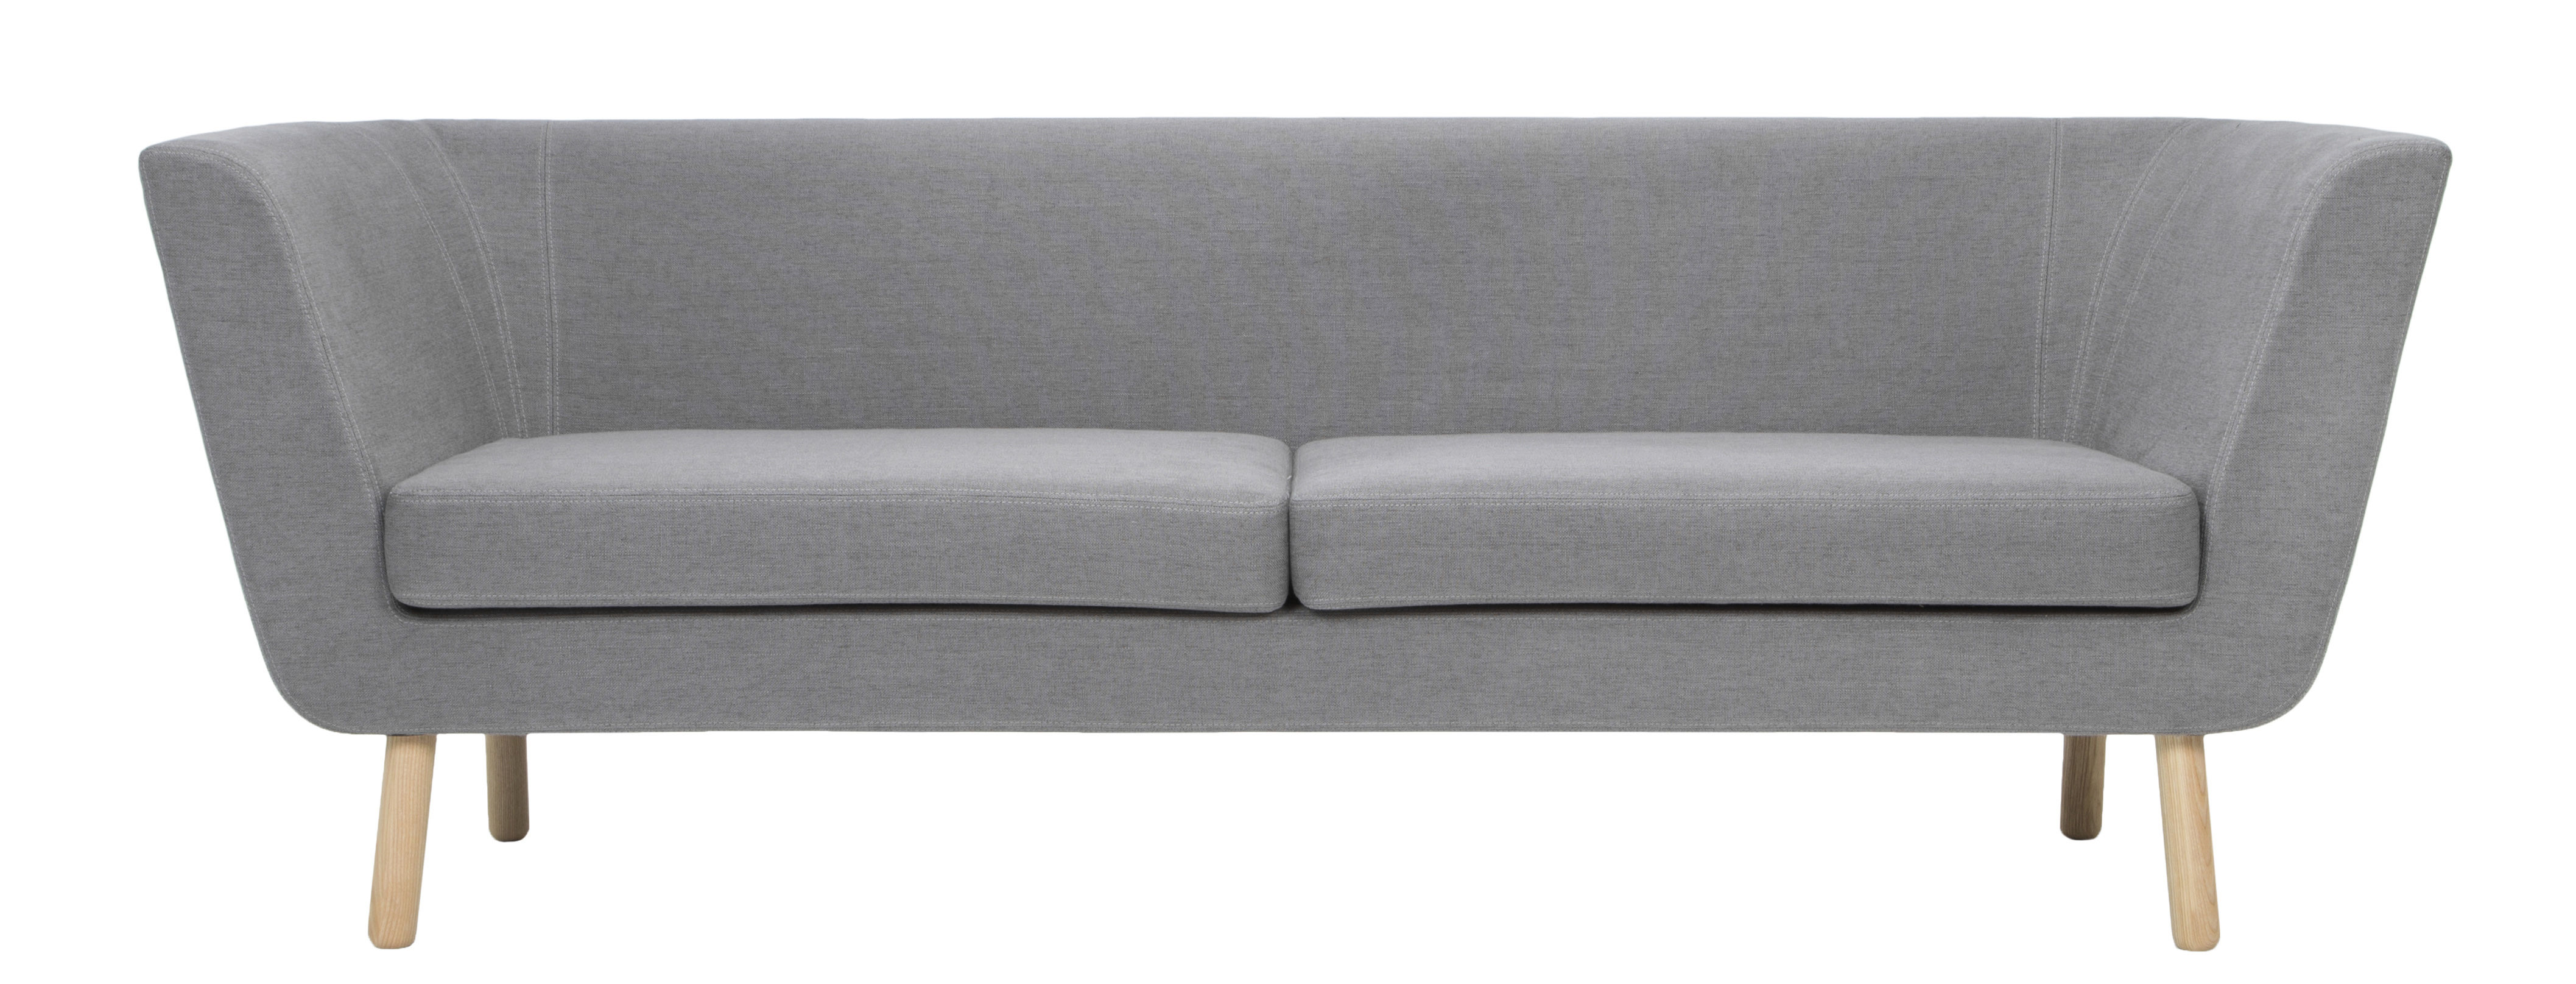 Mobilier - Canapés - Canapé droit Nest / L 204 cm - Design House Stockholm - Gris - Chêne, Mousse, Tissu